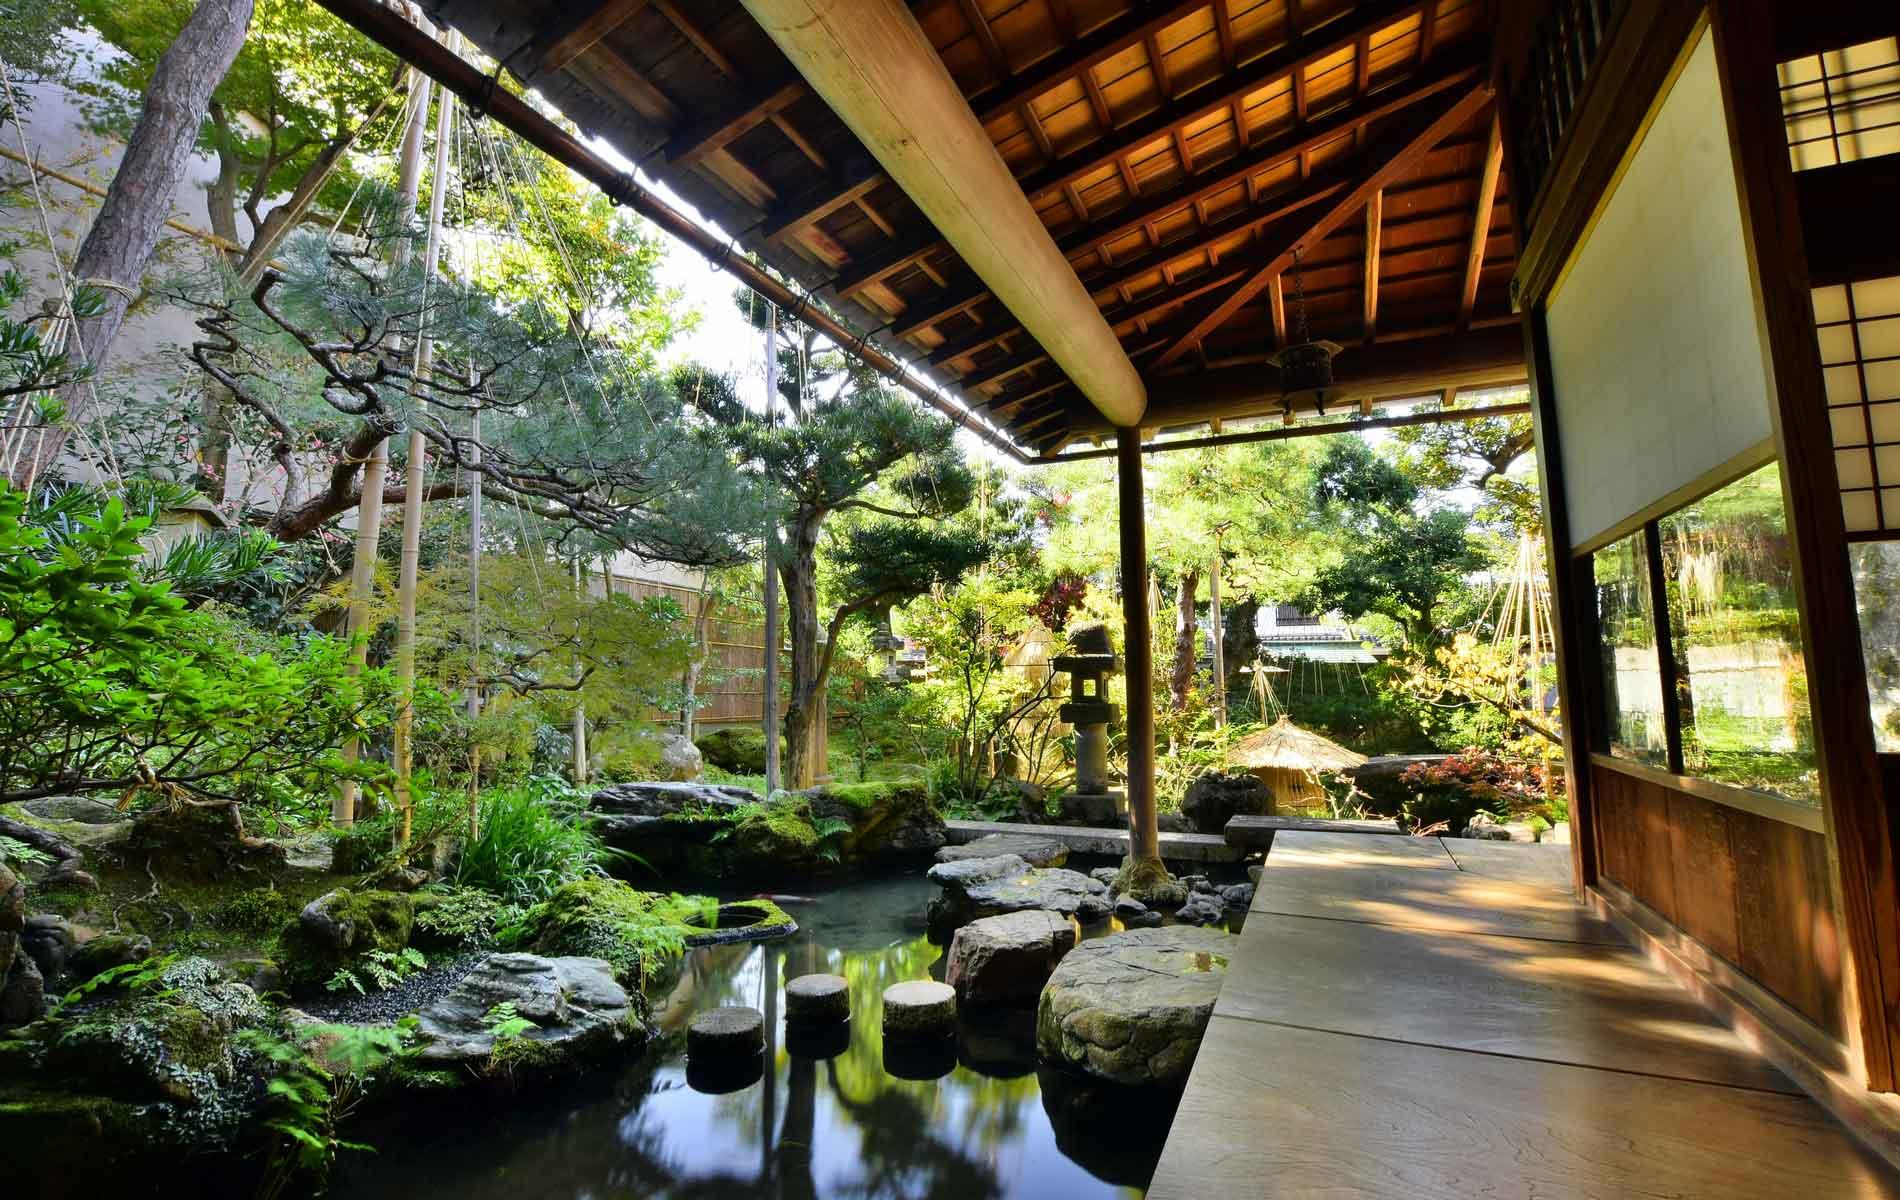 A samurai house in Kanazawa